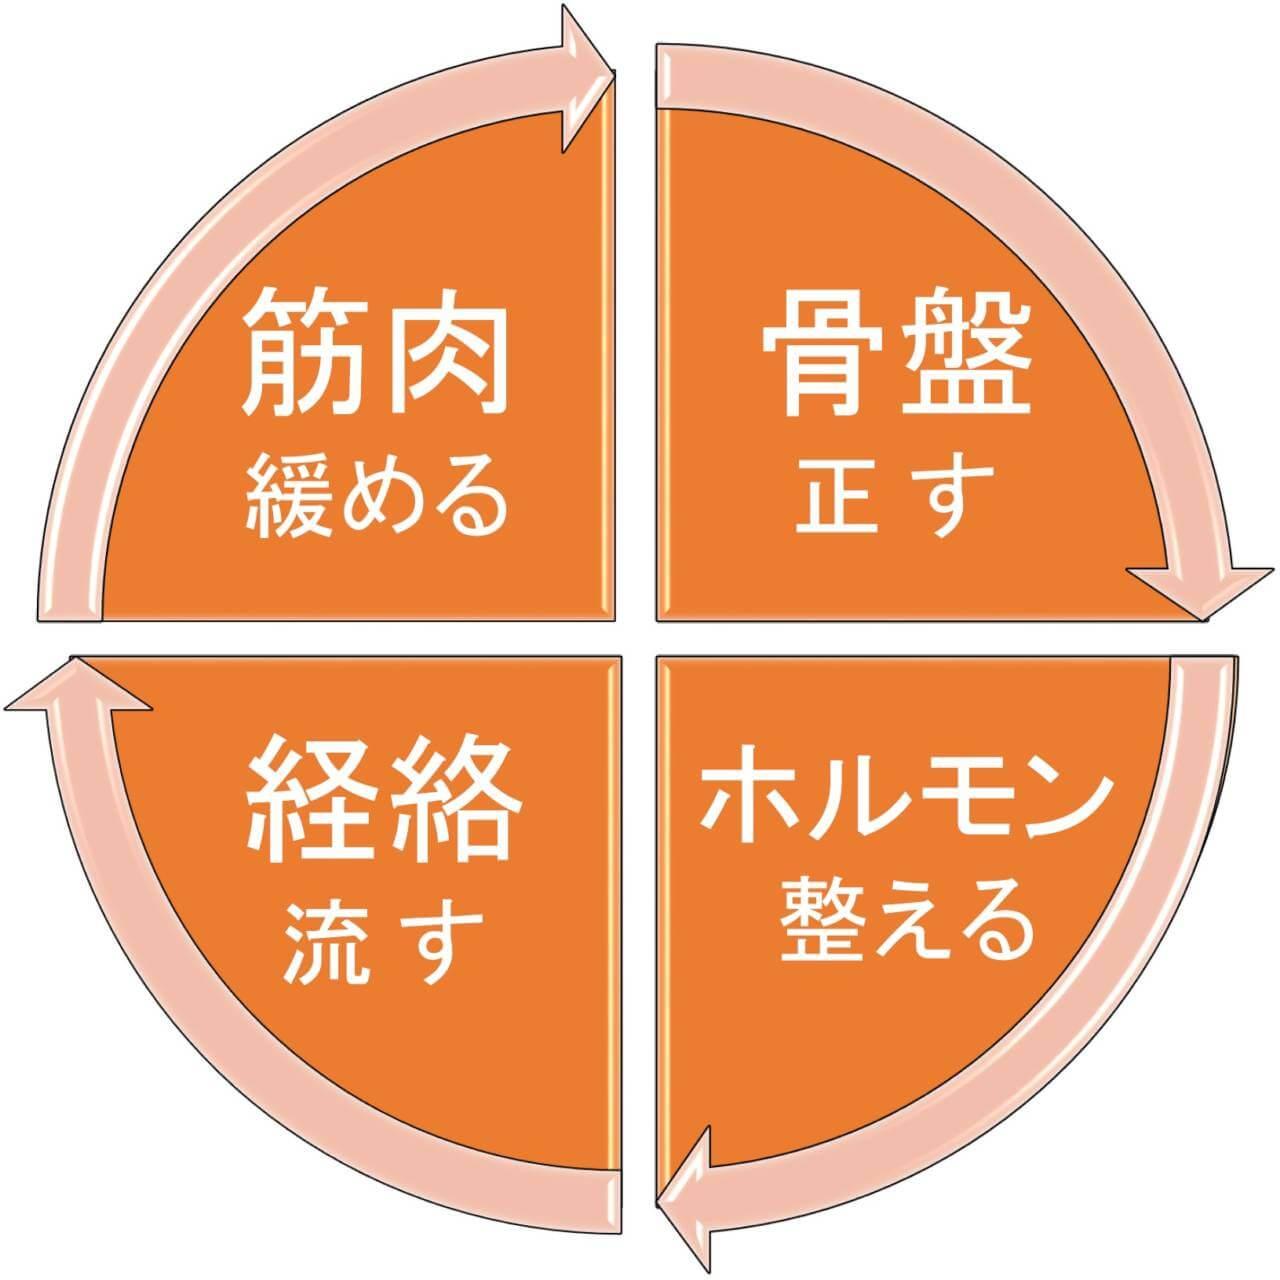 ゆらぎリリース整体-図